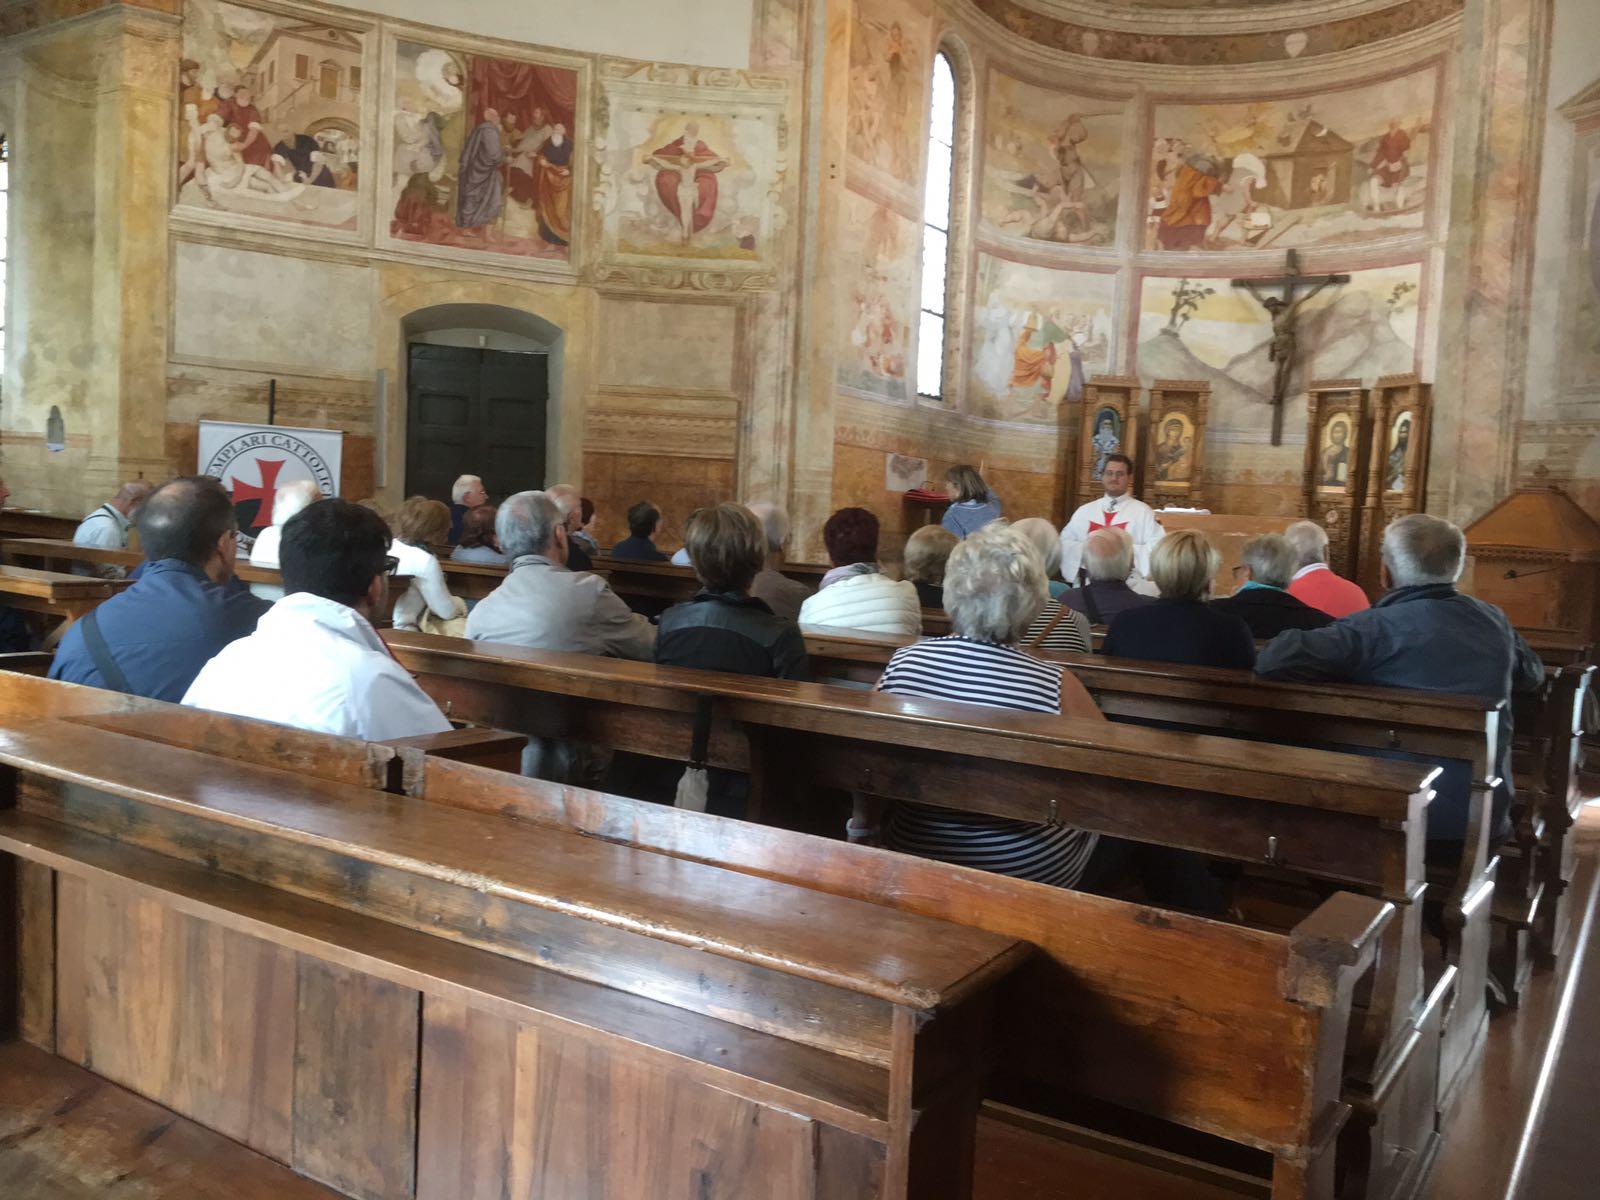 I Templari Cattolici d'Italia aprono in forma straordinaria la chiesa della Santissima Trinità a Pordenone